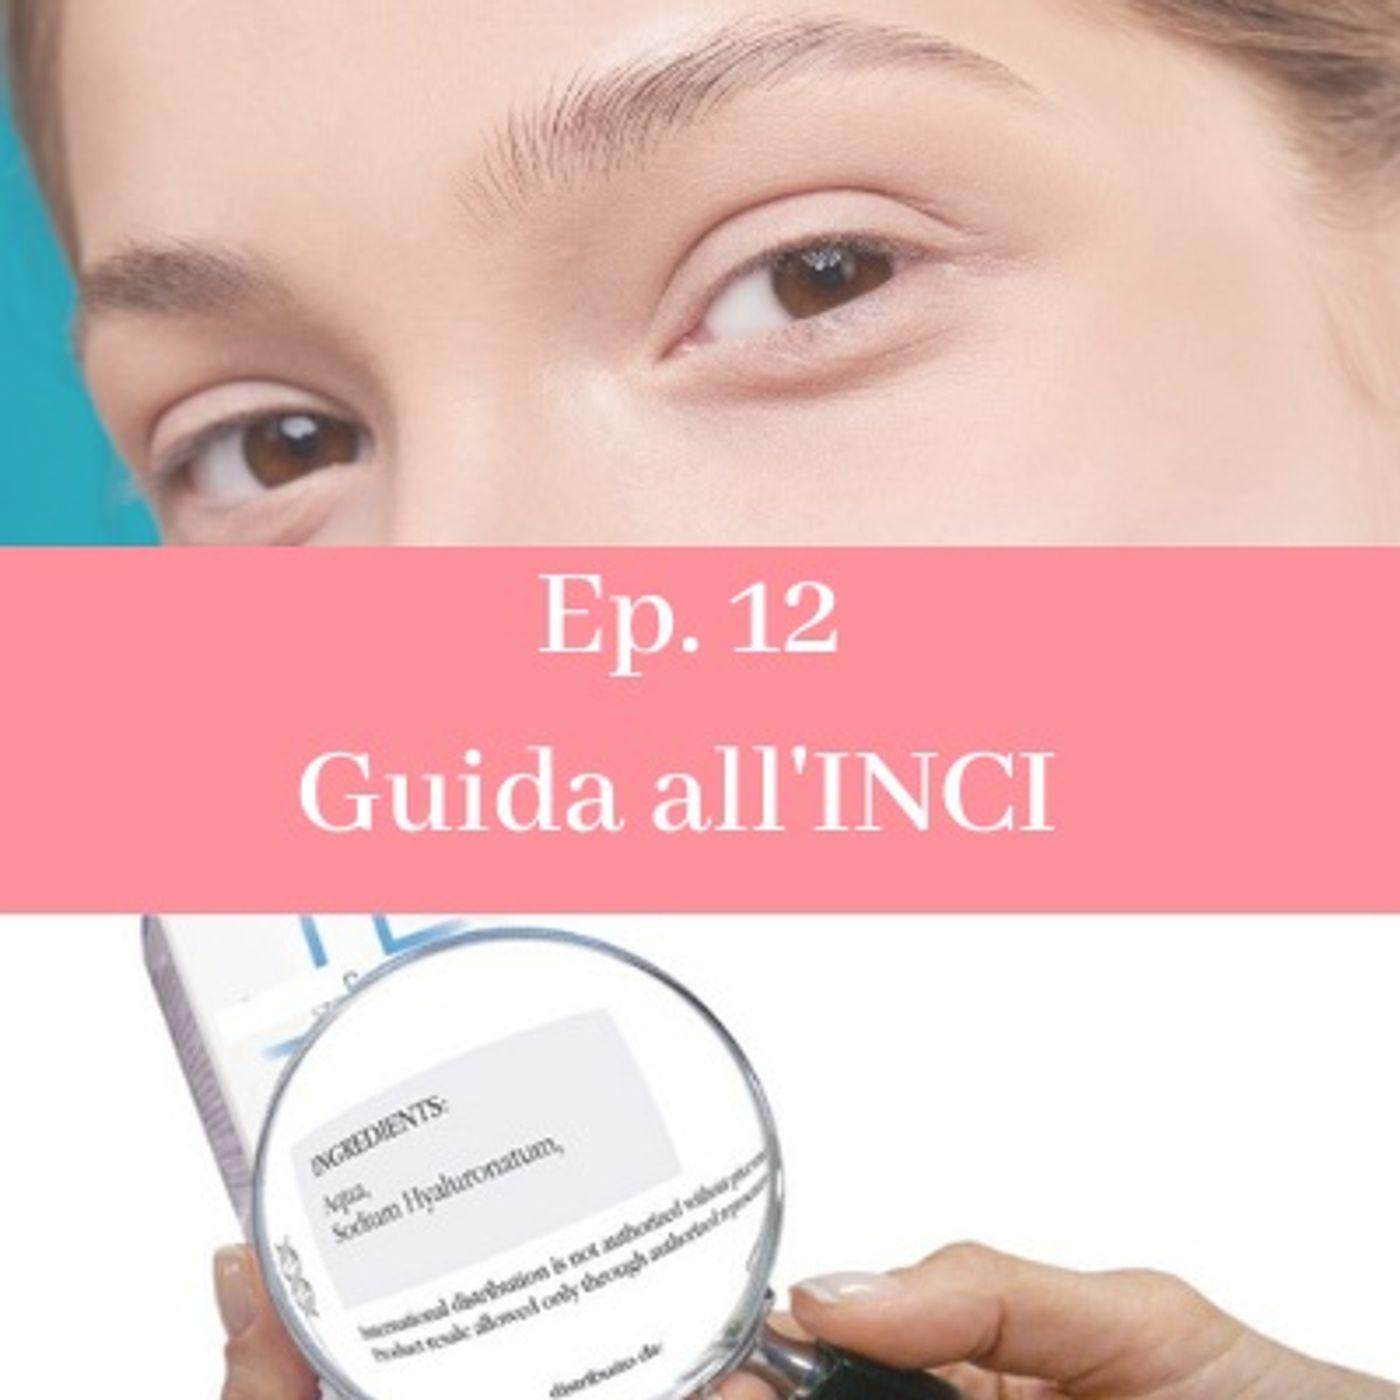 Ep. 12. Guida all' INCI - Cosa c'è da sapere sugli ingredienti di un cosmetico?